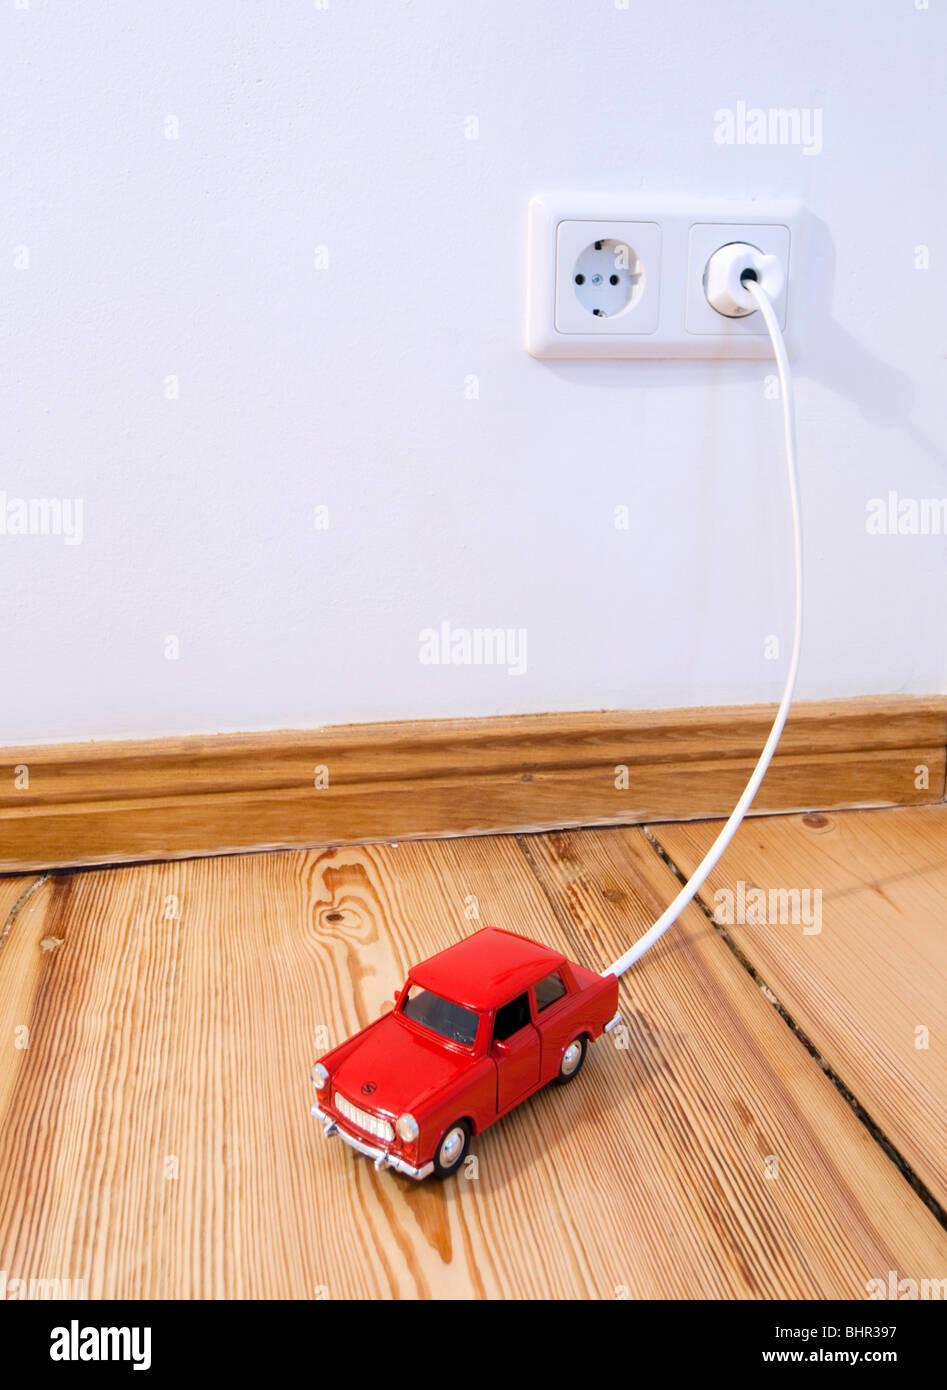 Concept de voiture électrique jouet être rechargés par le branchement à l'électricité Photo Stock